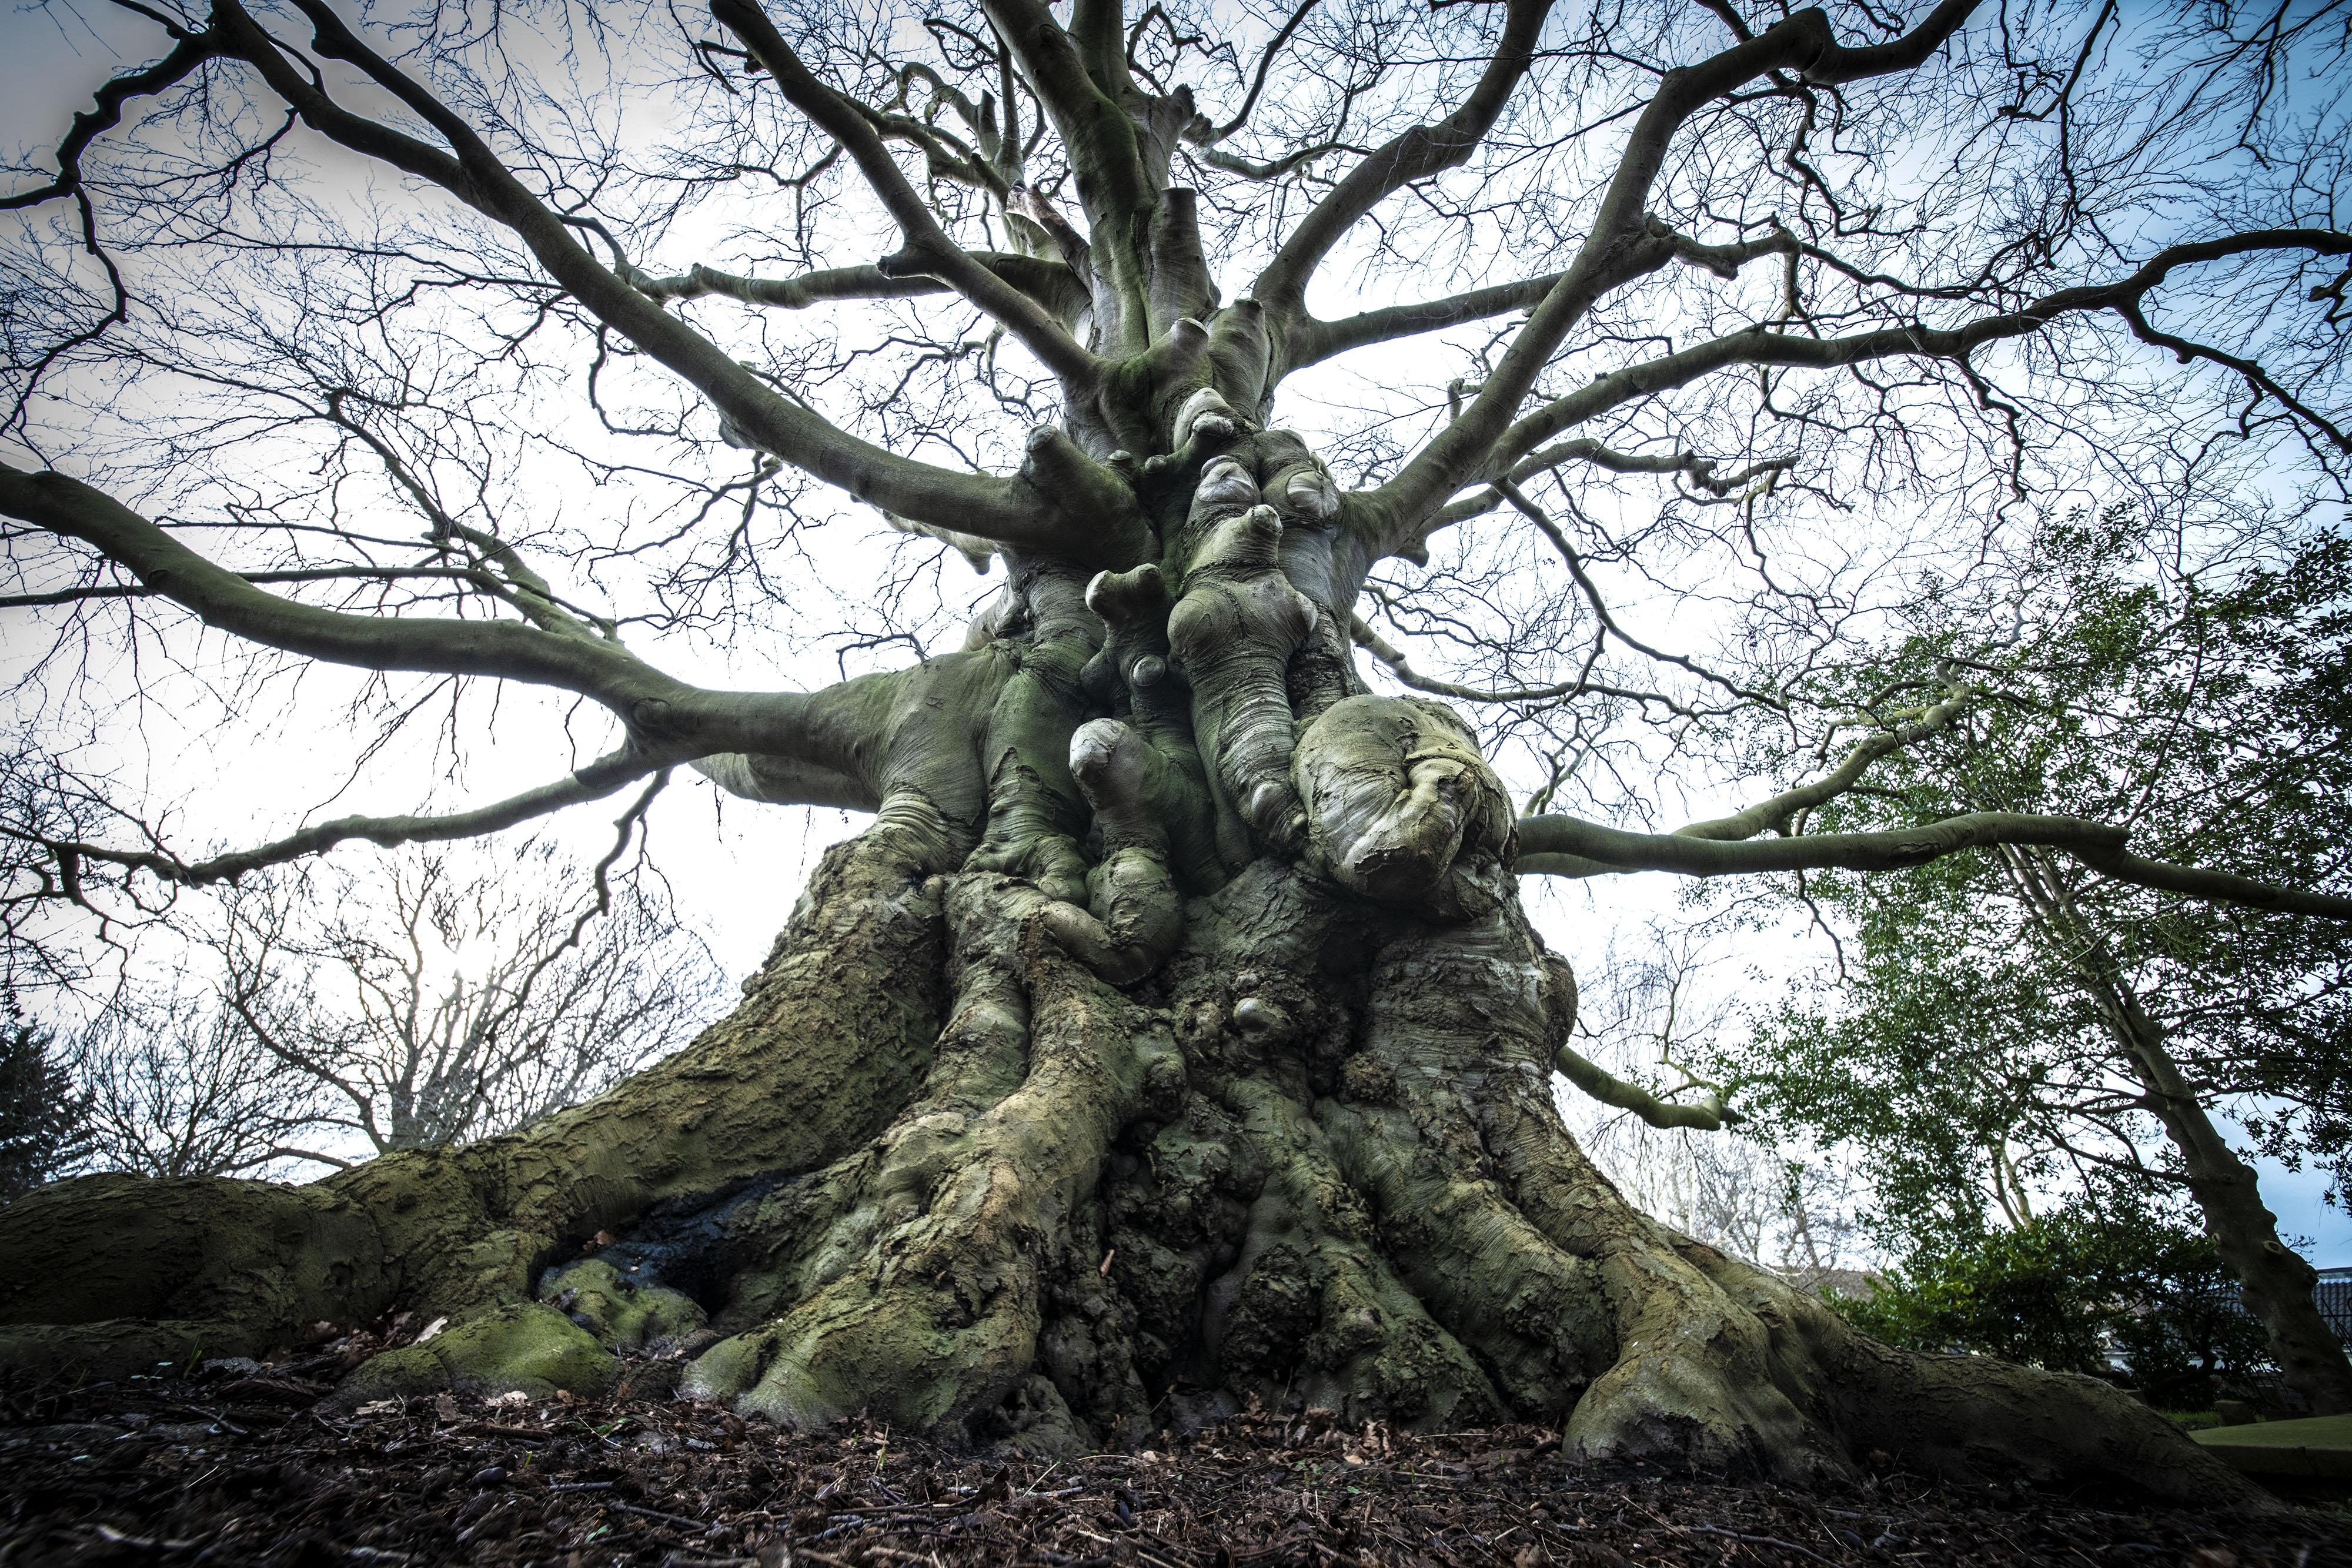 Leidse bomen krijgen beschermde status, en niet alleen op gemeentegrond